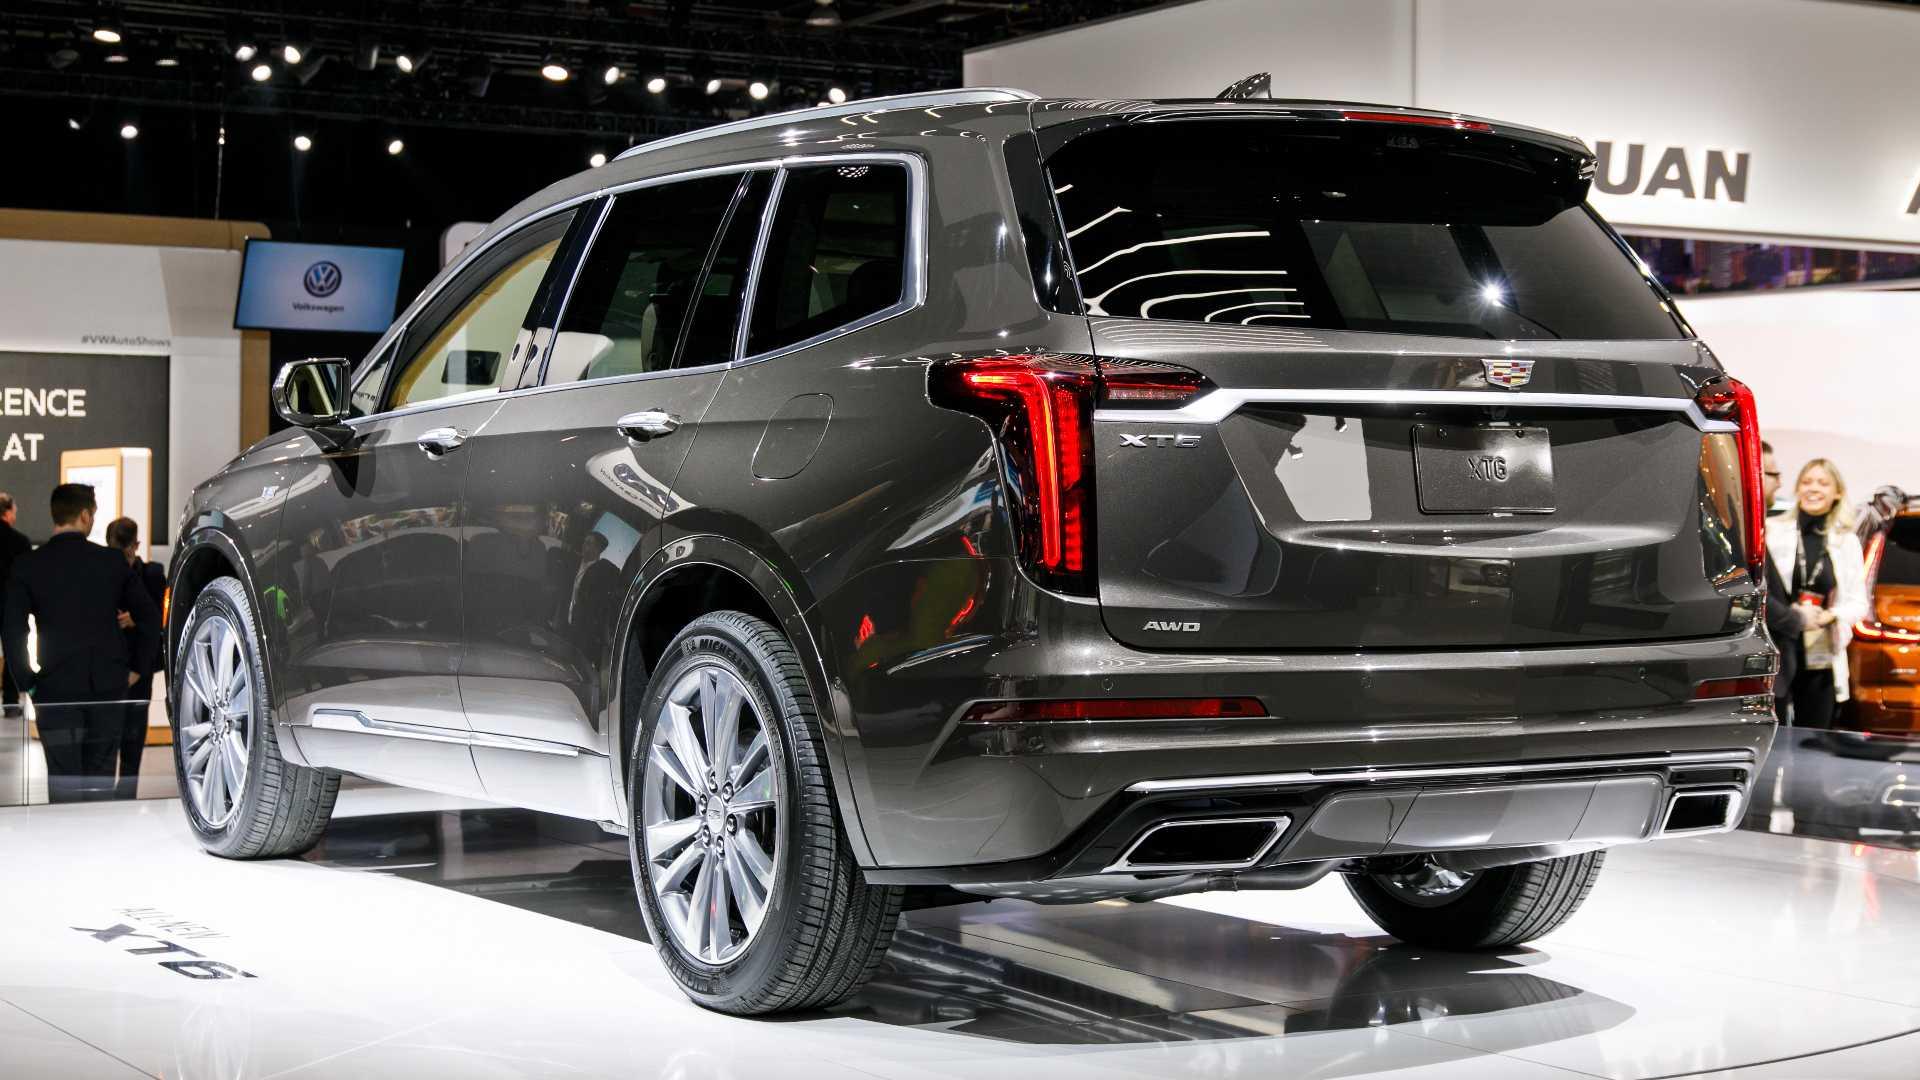 25 All New 2020 Cadillac Xt6 Length Specs for 2020 Cadillac Xt6 Length